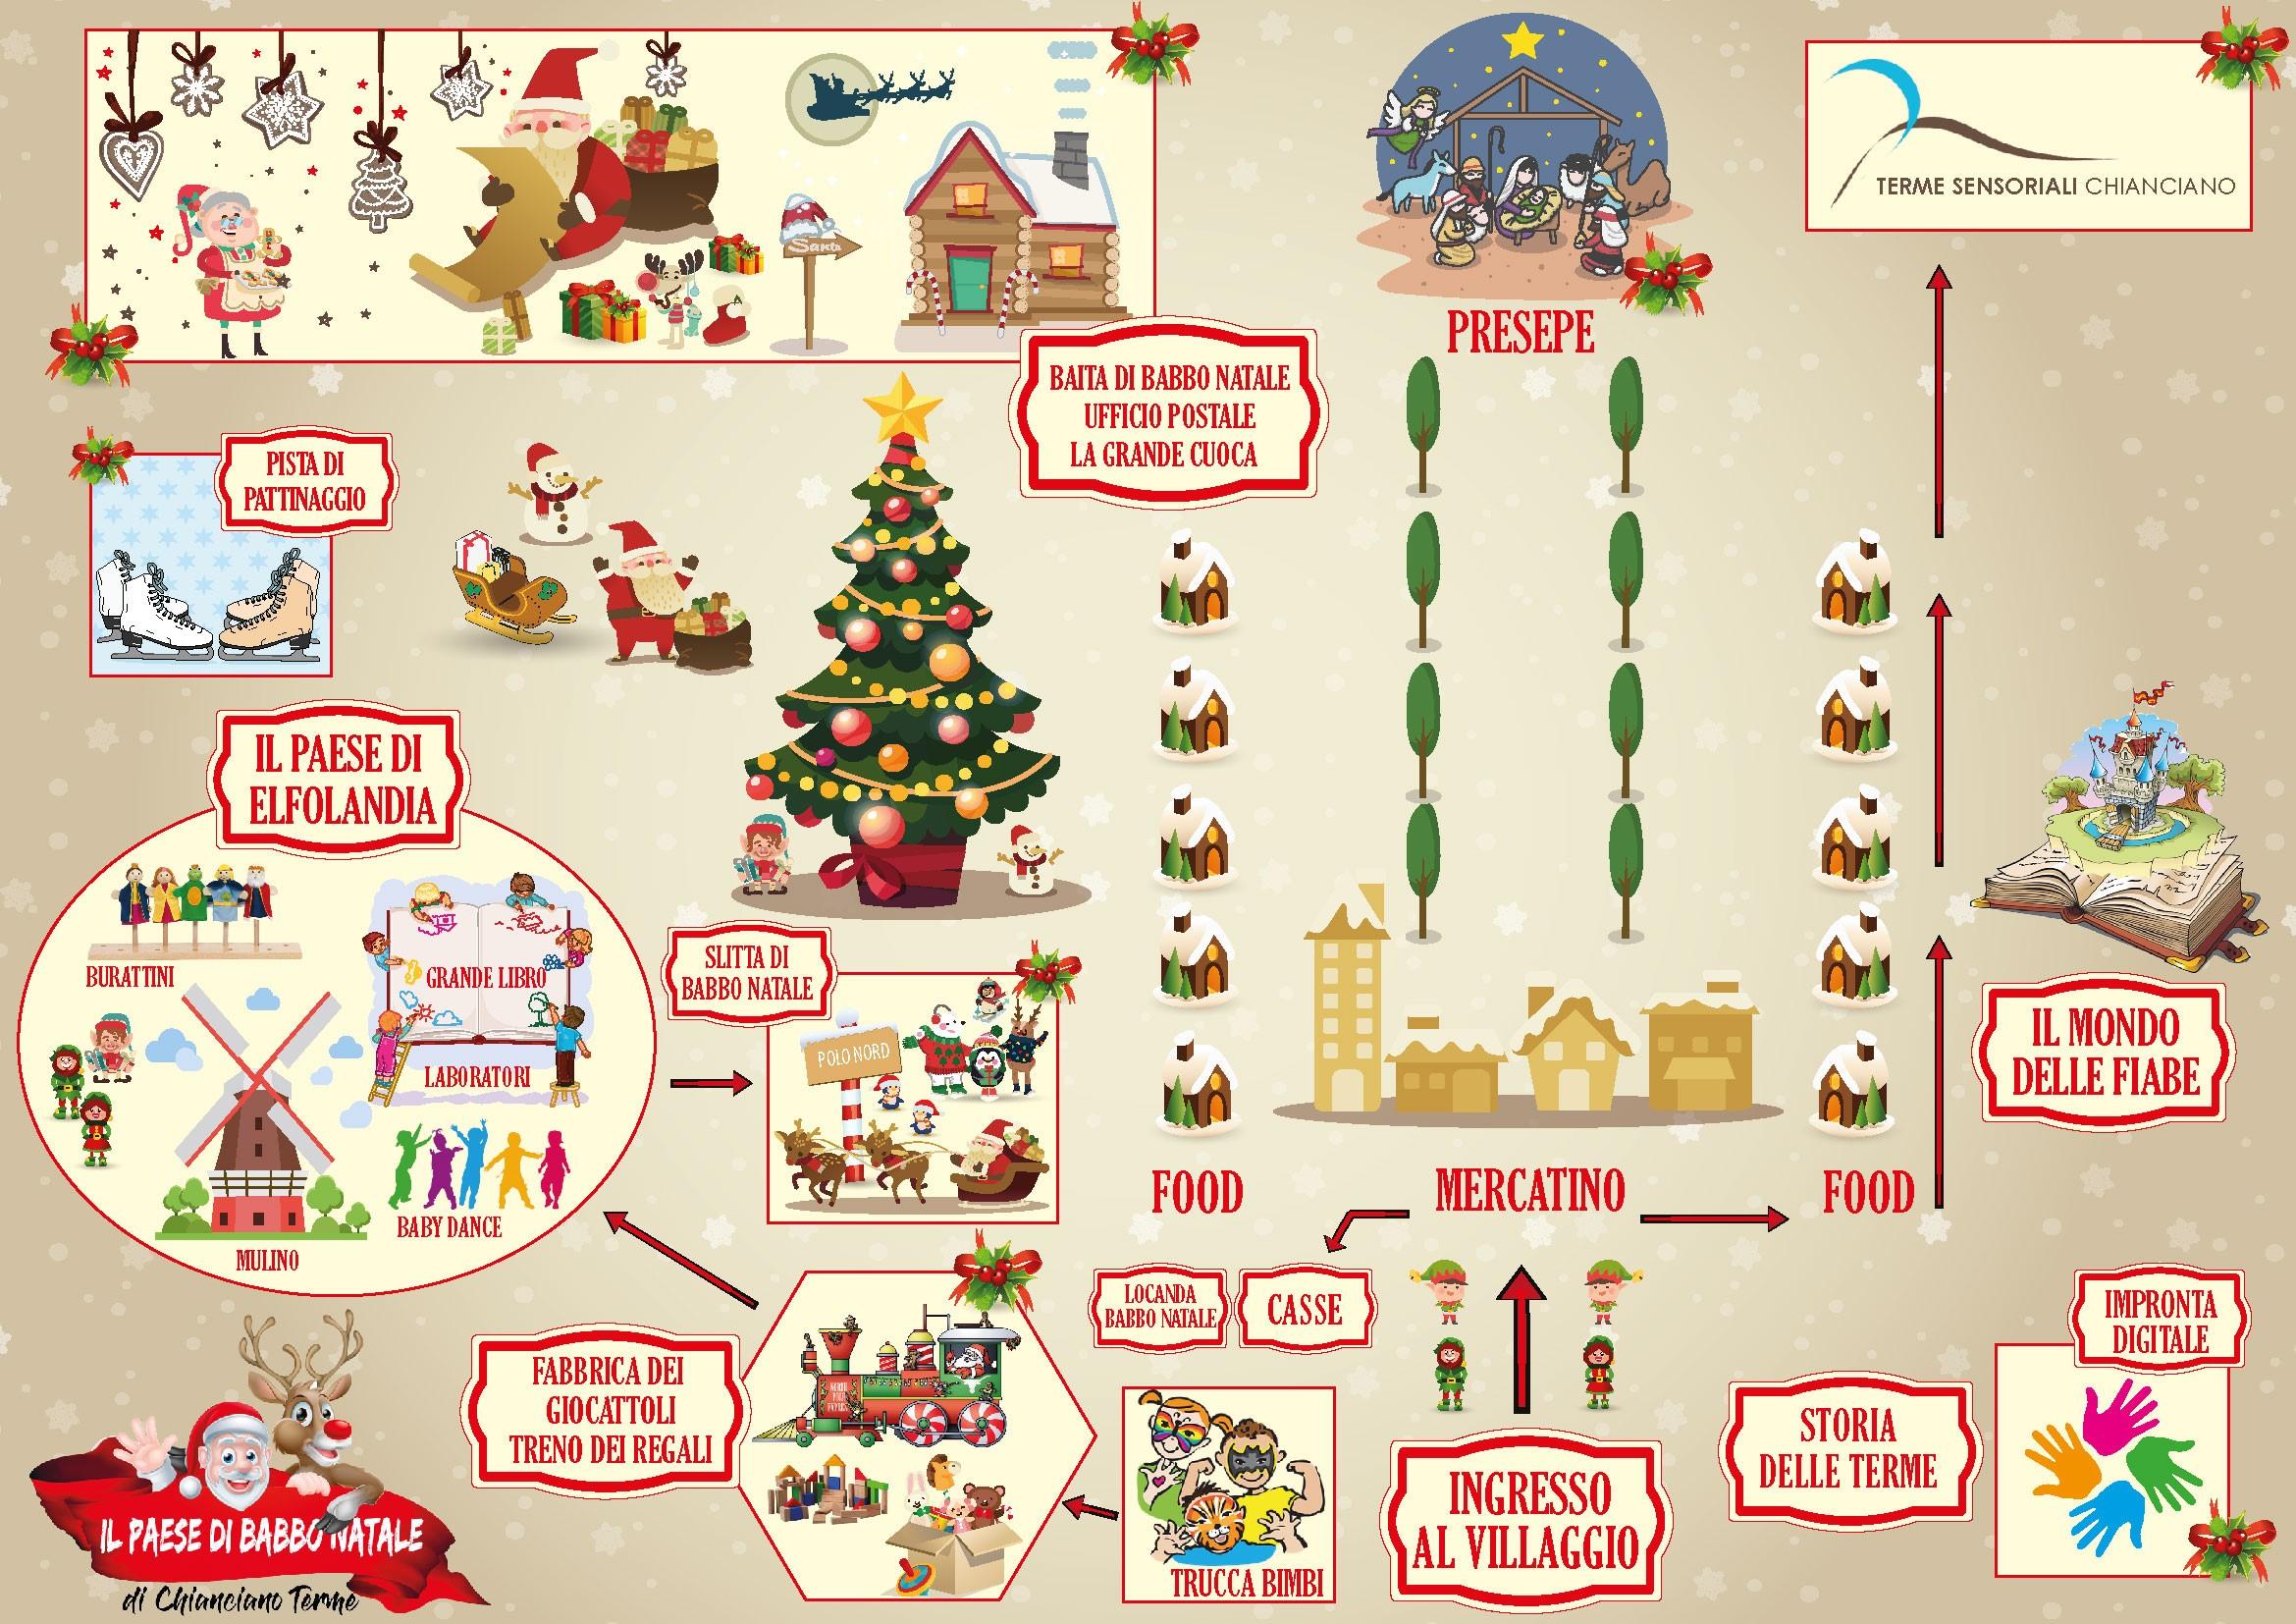 Paese Natale Di Babbo Natale.Il Paese Di Babbo Natale Di Chianciano Terme